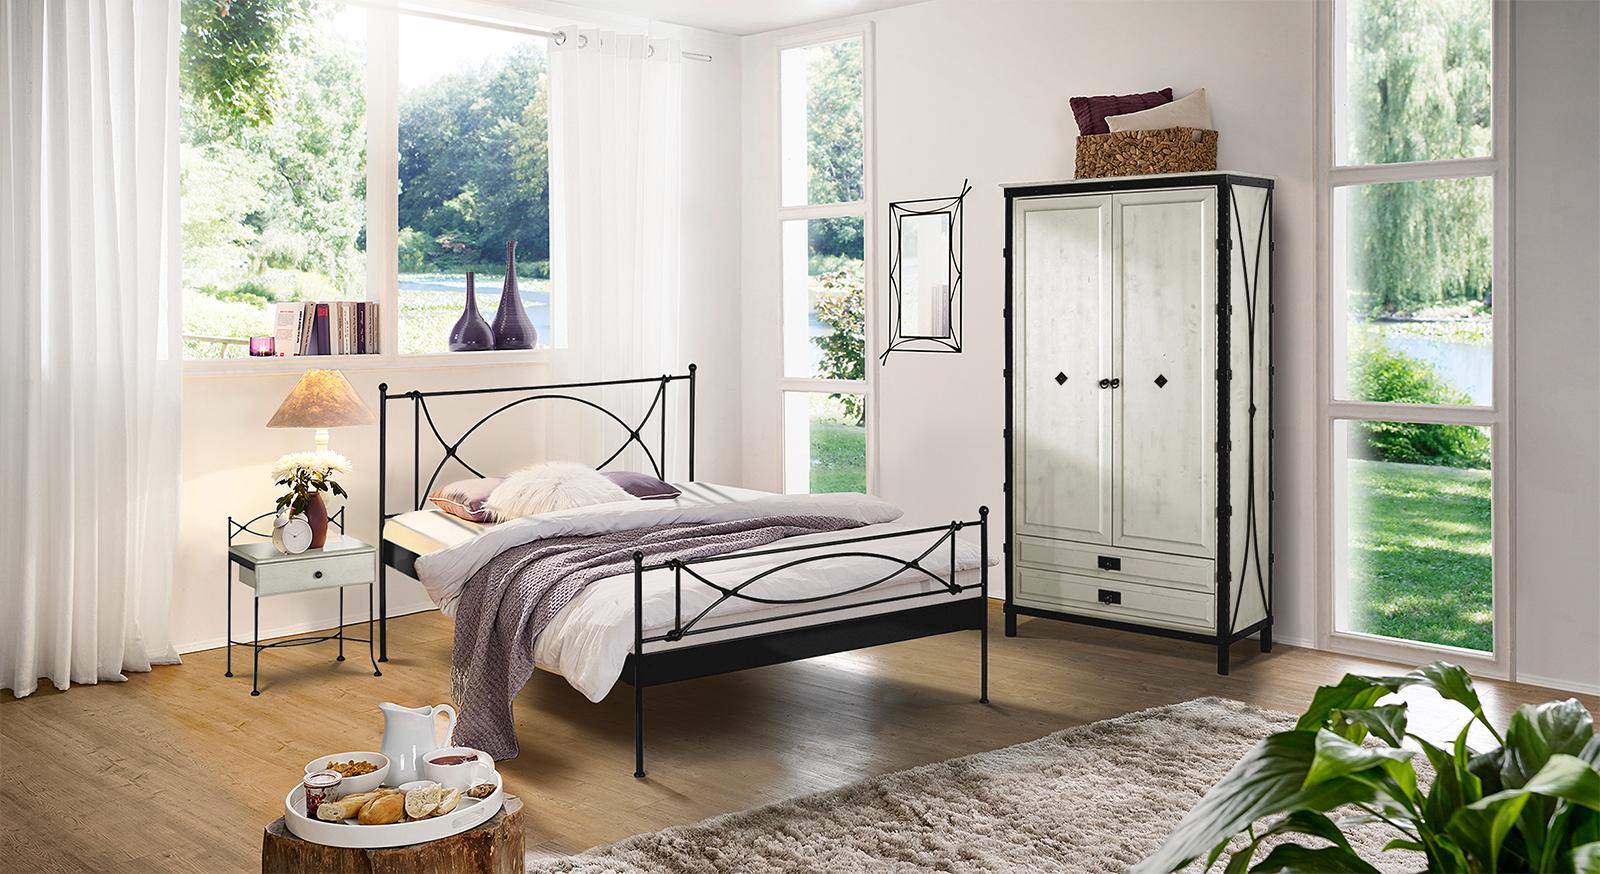 Schlafzimmer Im Komplettangebot Mit Metallbett Ordino - Schlafzimmer komplett angebot